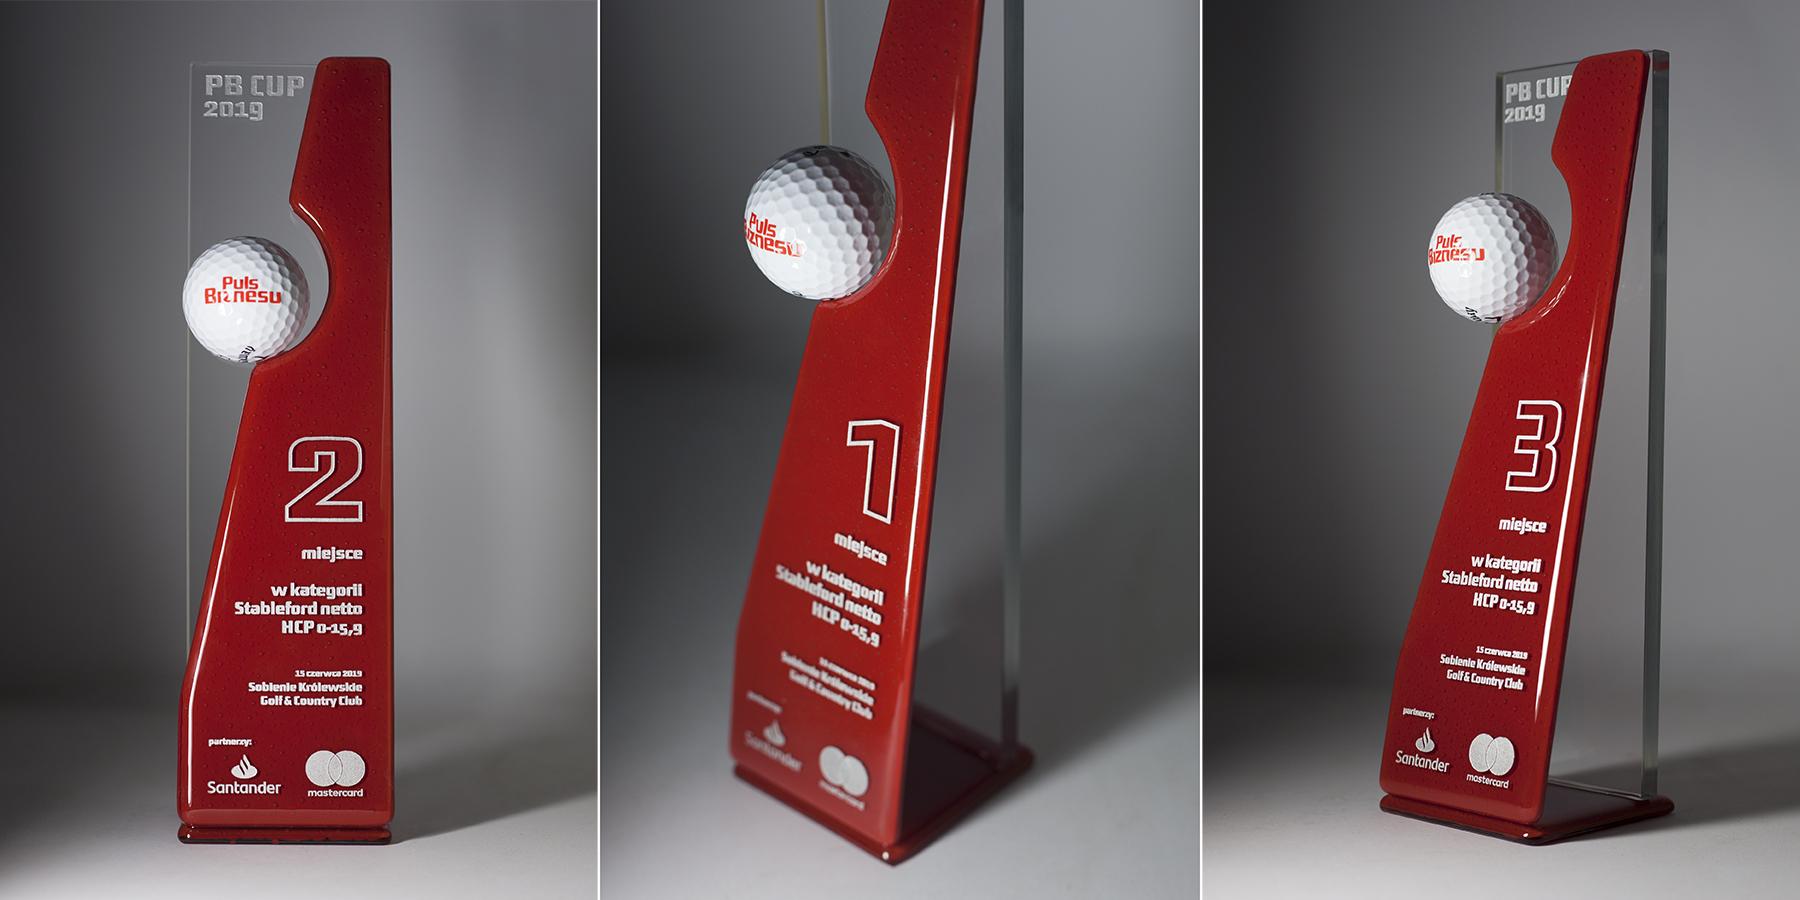 statuetka-golfowa-pb-cup-2019